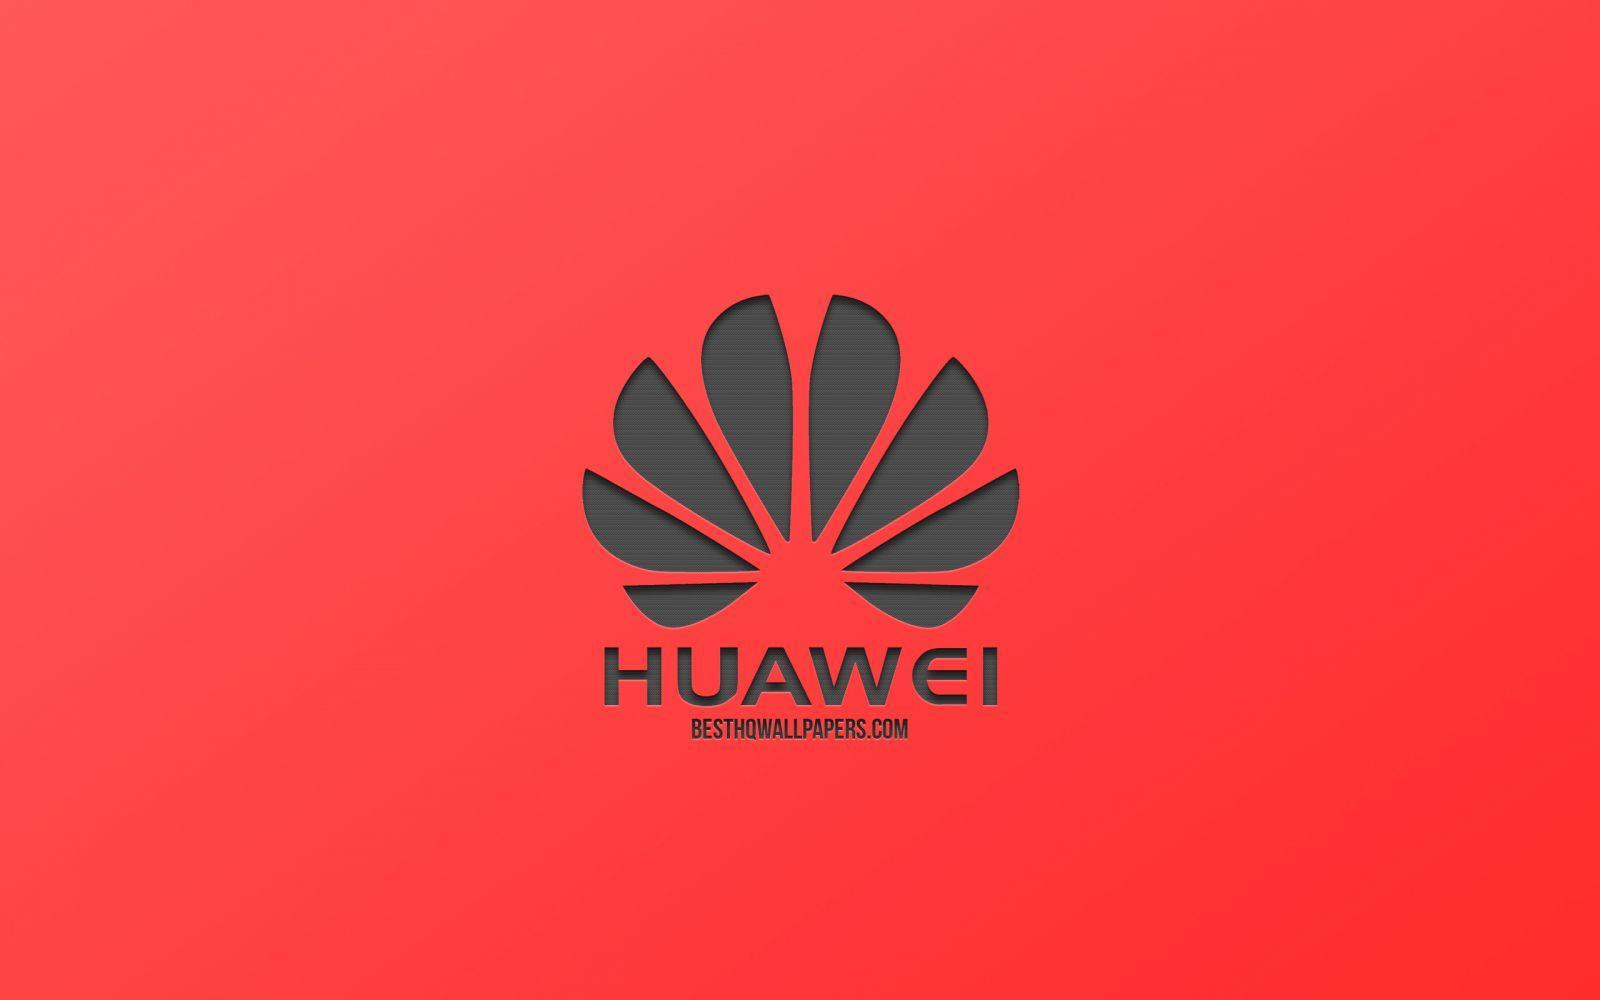 Huawei представила свой первый ПК MateStation с процессором Kunpeng 920 и графикой AMD